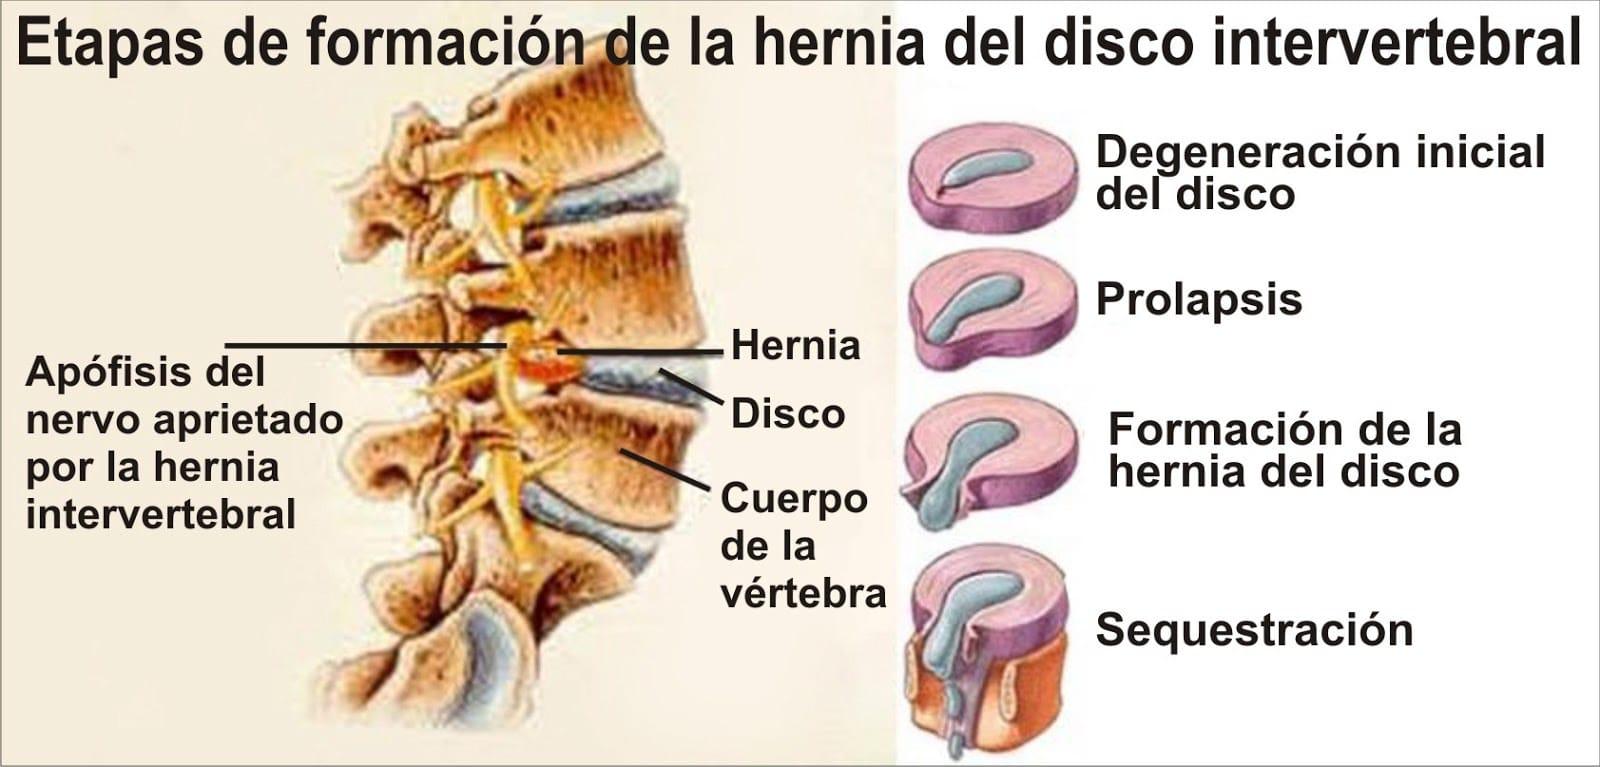 El masaje después de la desaparición de la hernia intervertebral del vídeo